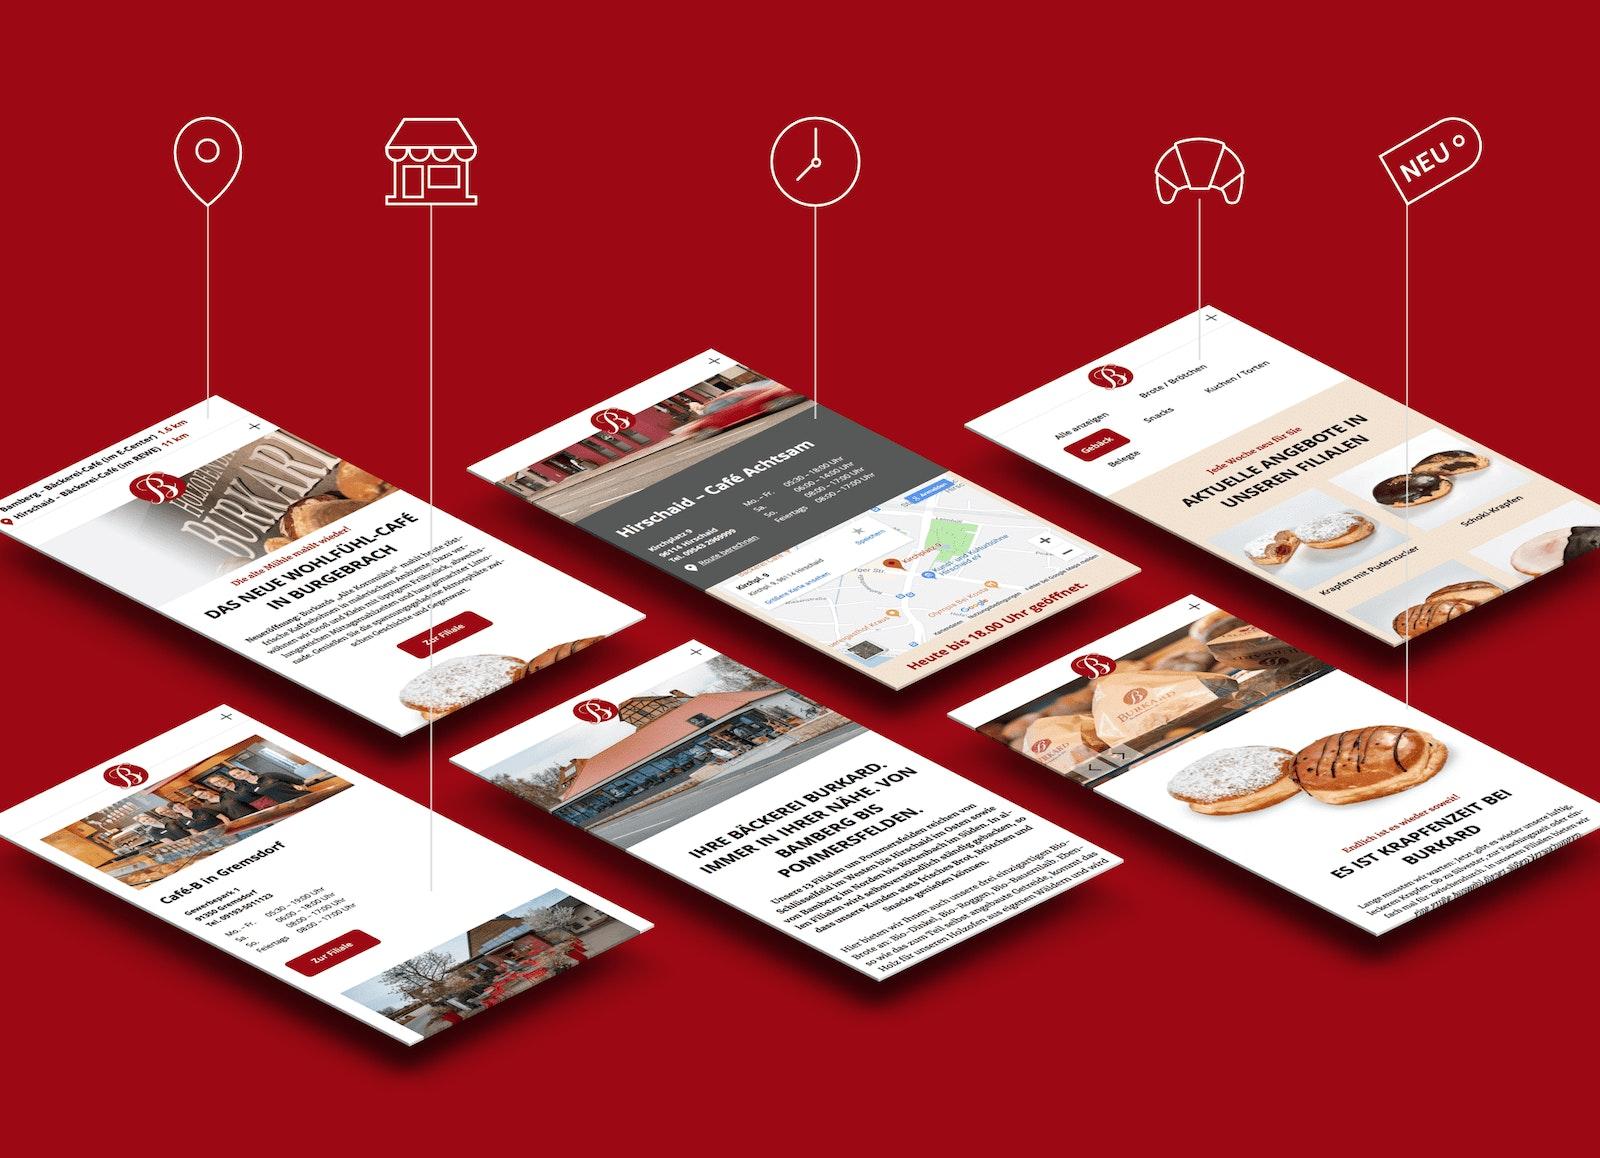 Eigens entwickelte CMS-Module für den Einzelhandel. Lokalisierung, Filialverwaltung, Öffnungszeiten-Modul, Produkt-Modul, Onlinemarketing-Aktionen